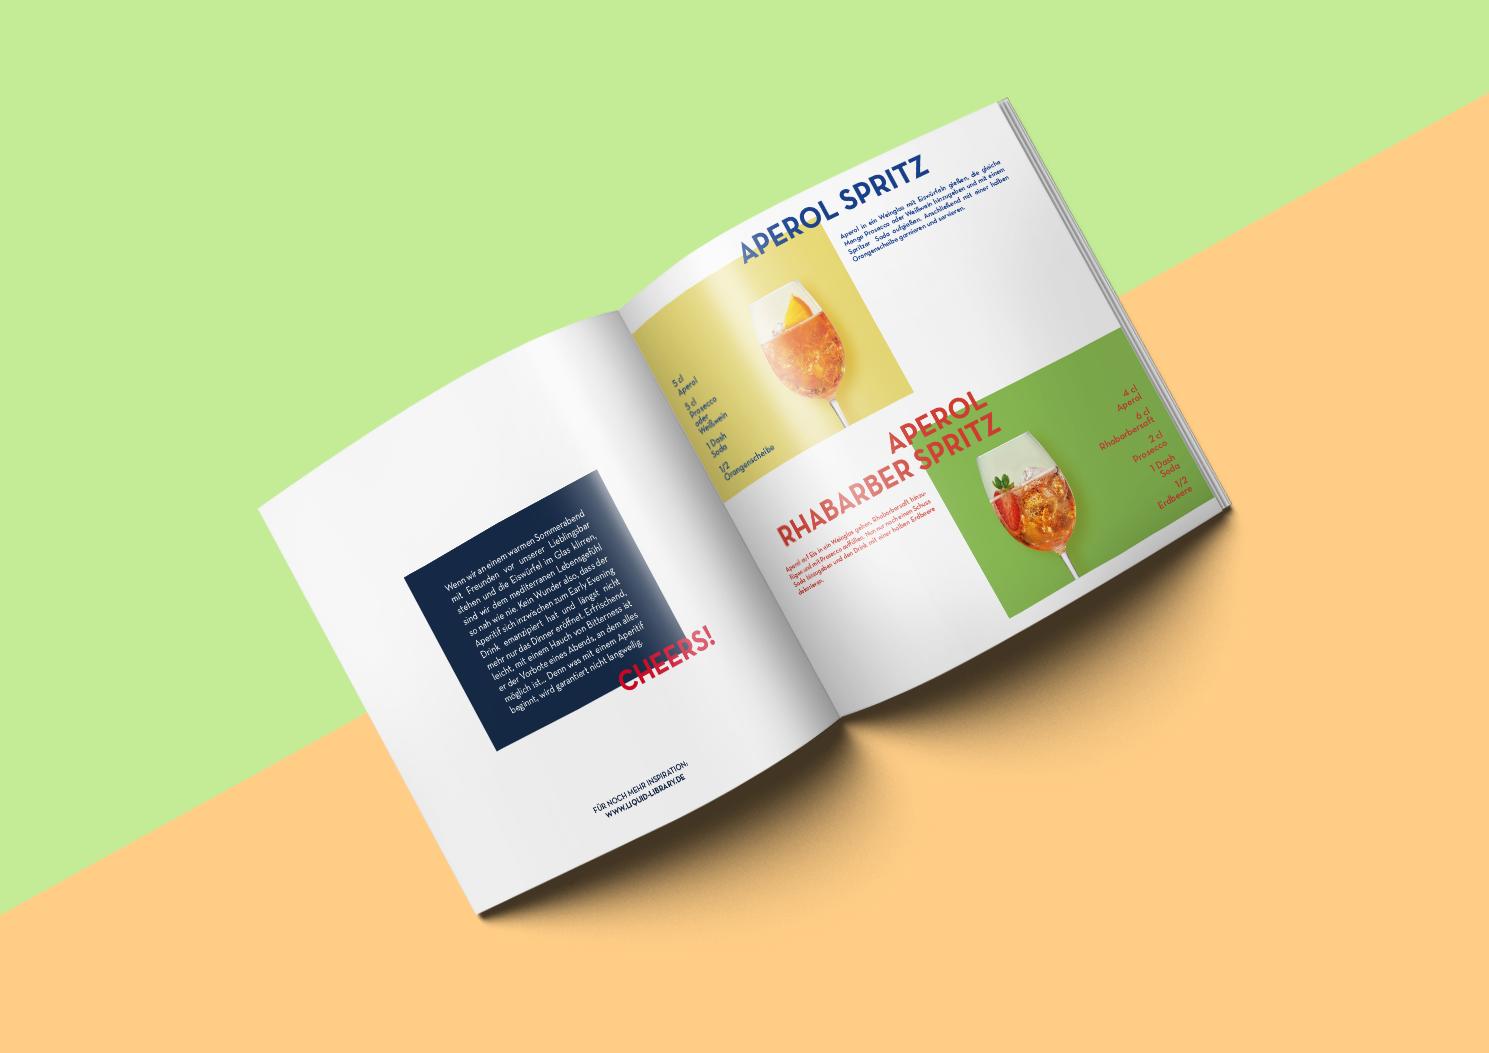 Campari_CocktailBooklet_Social_2.png